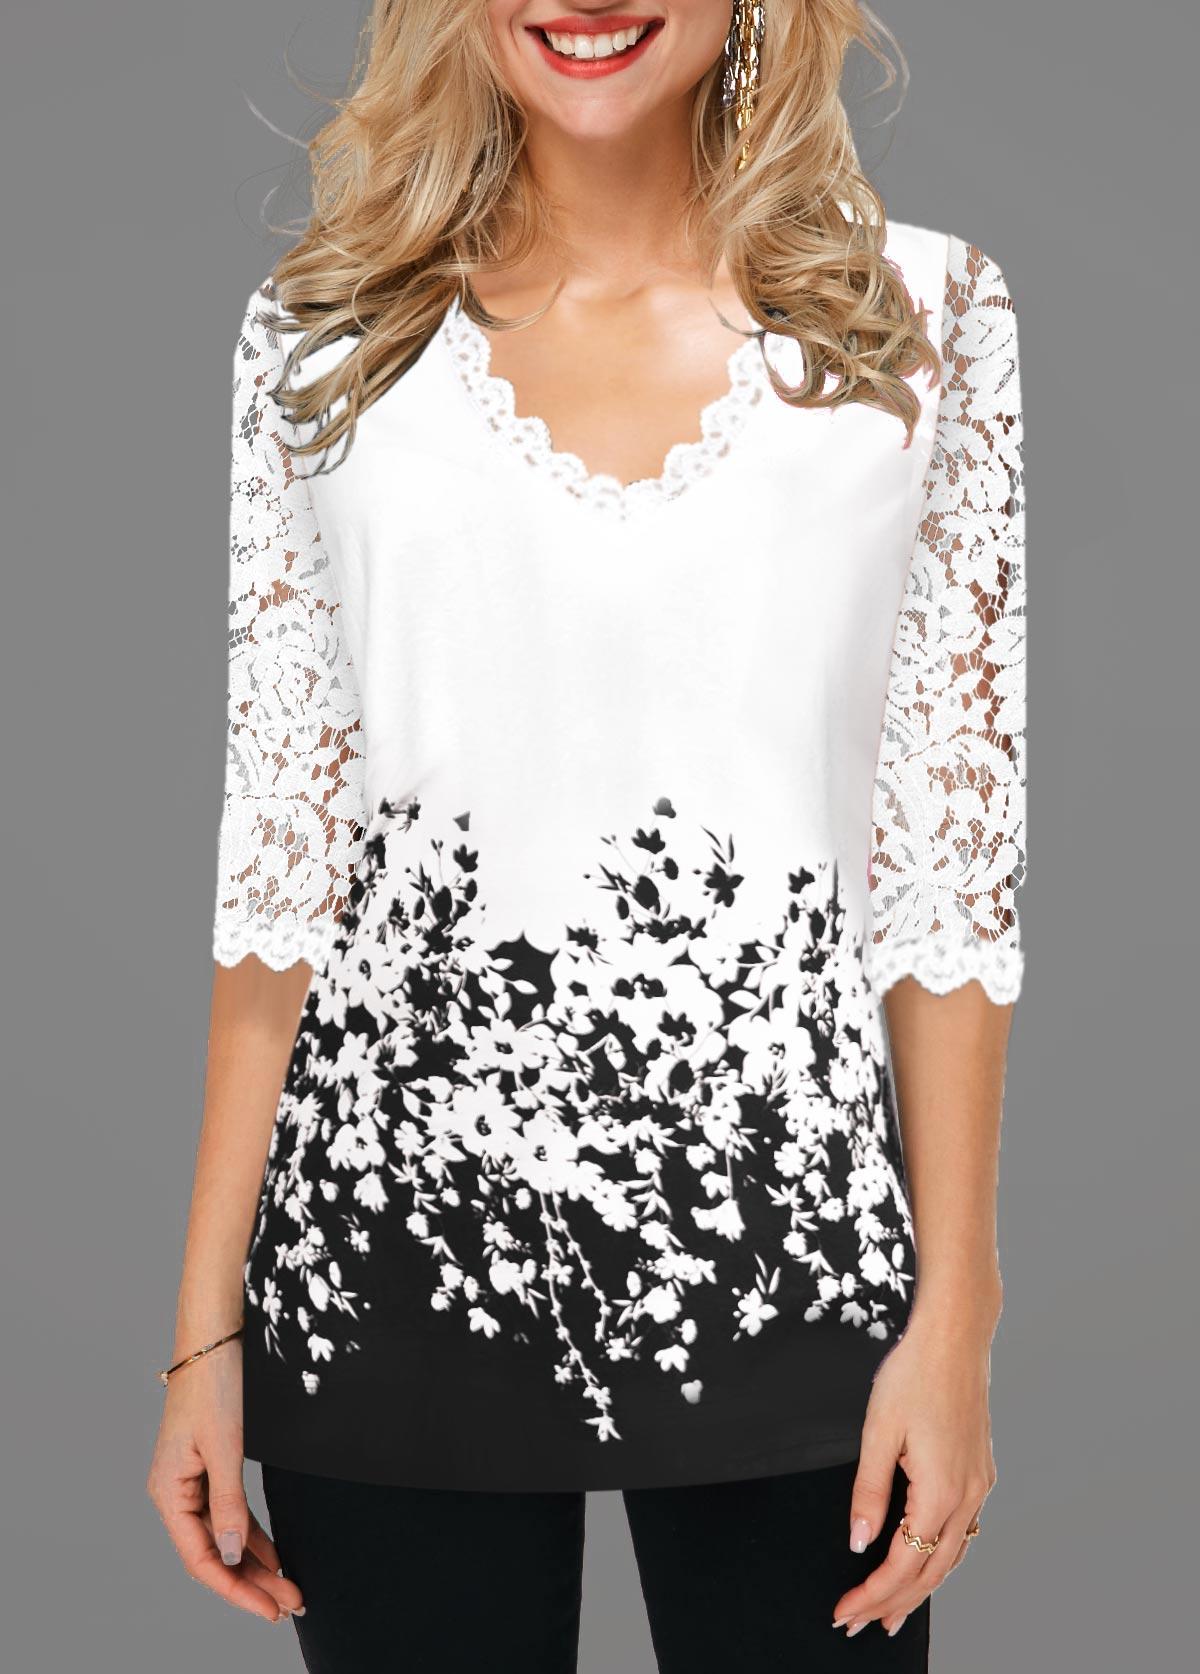 Lace Detail Contrast Panel Floral Print T Shirt